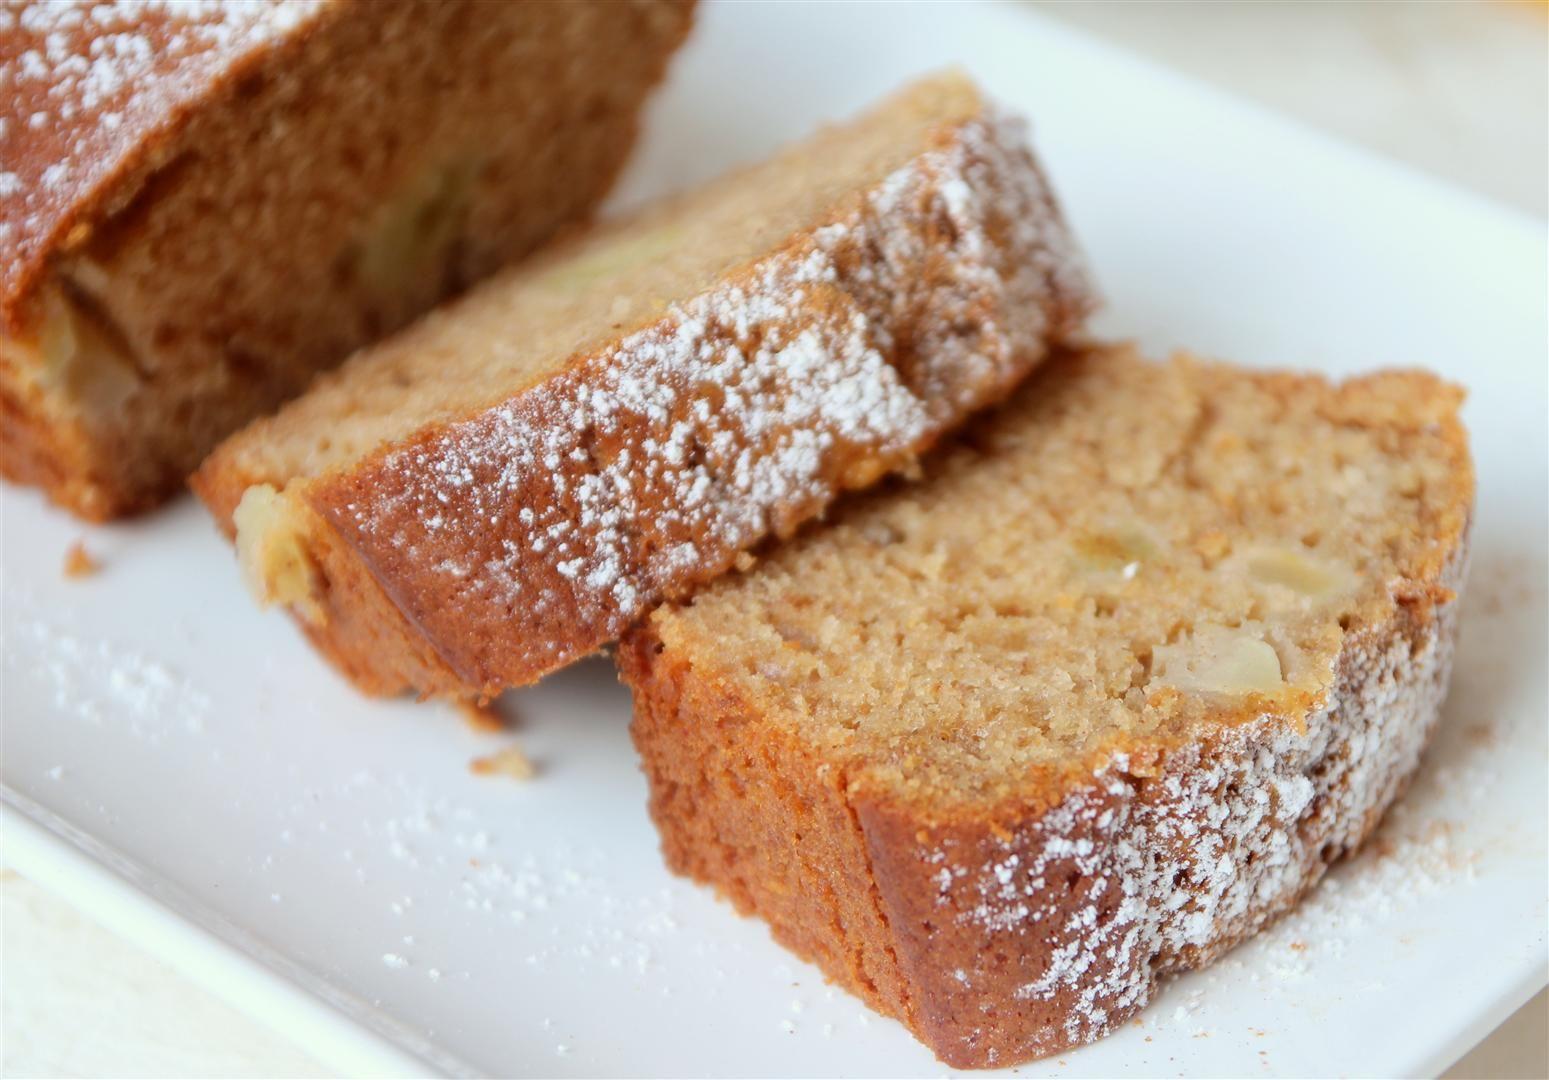 10 מתכונים לעוגות דבש: עוגת דבש ותפוחים